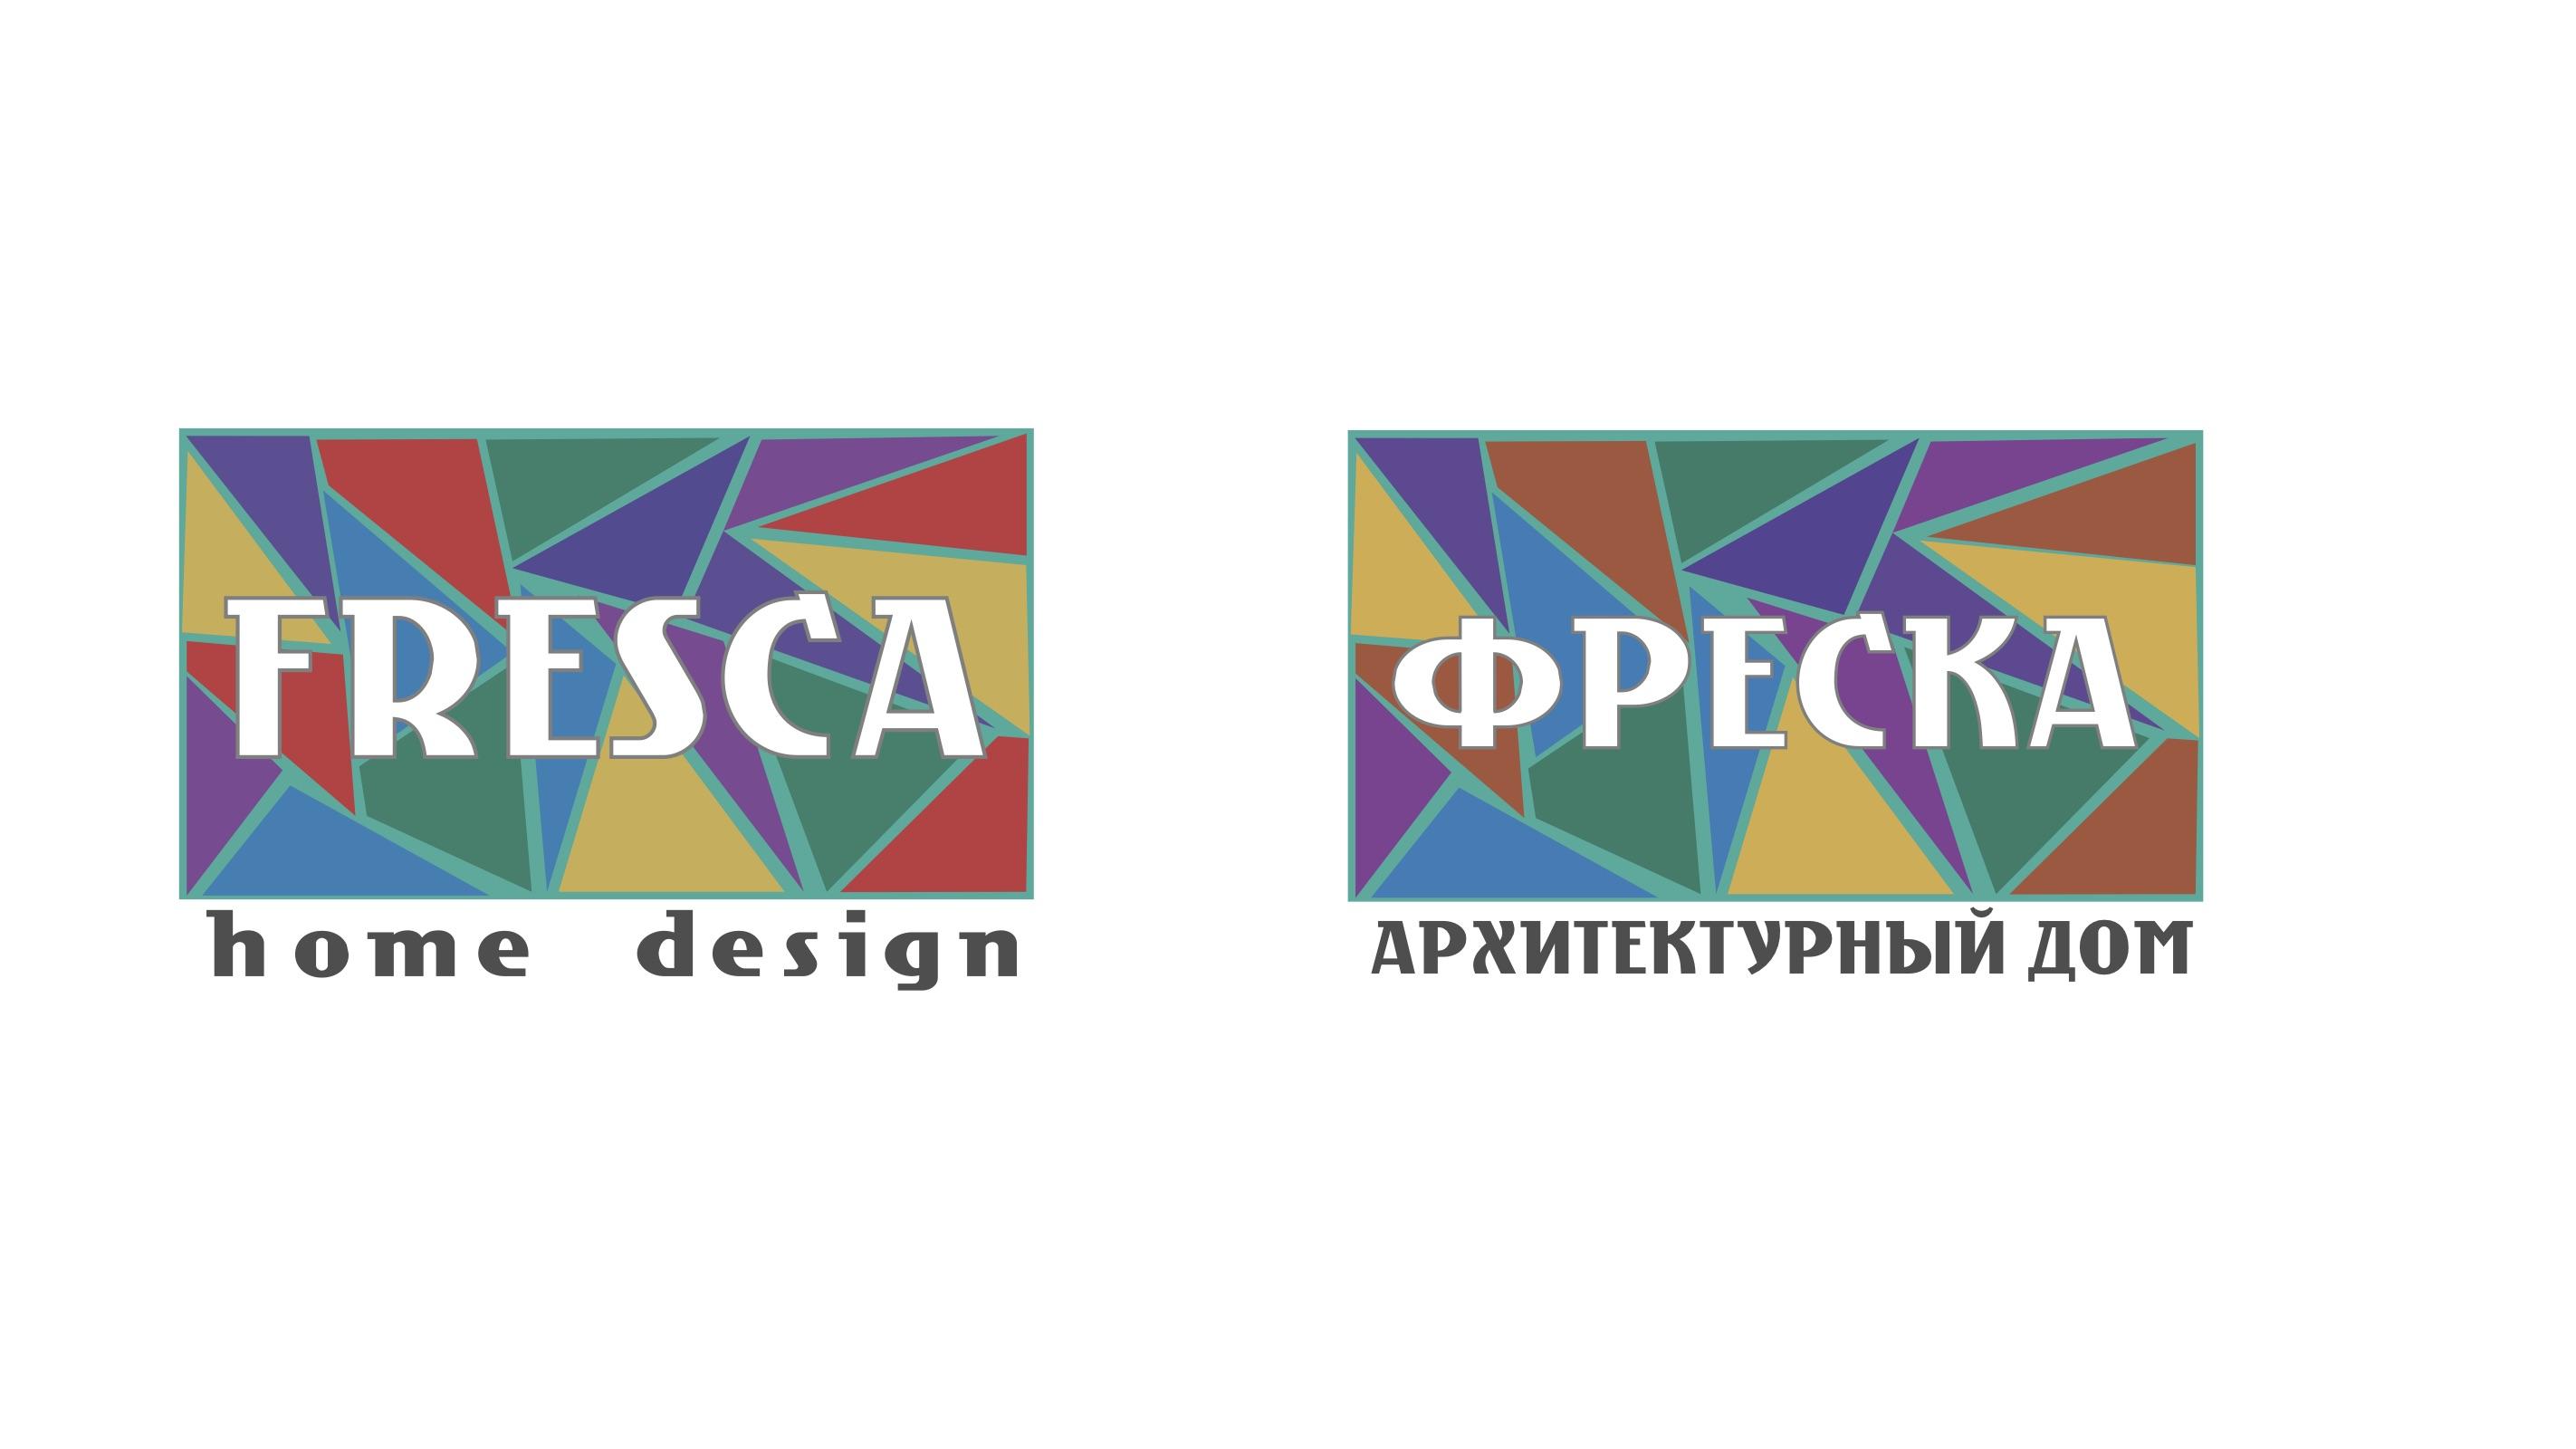 Разработка логотипа и фирменного стиля  фото f_1025aa60370110eb.jpg